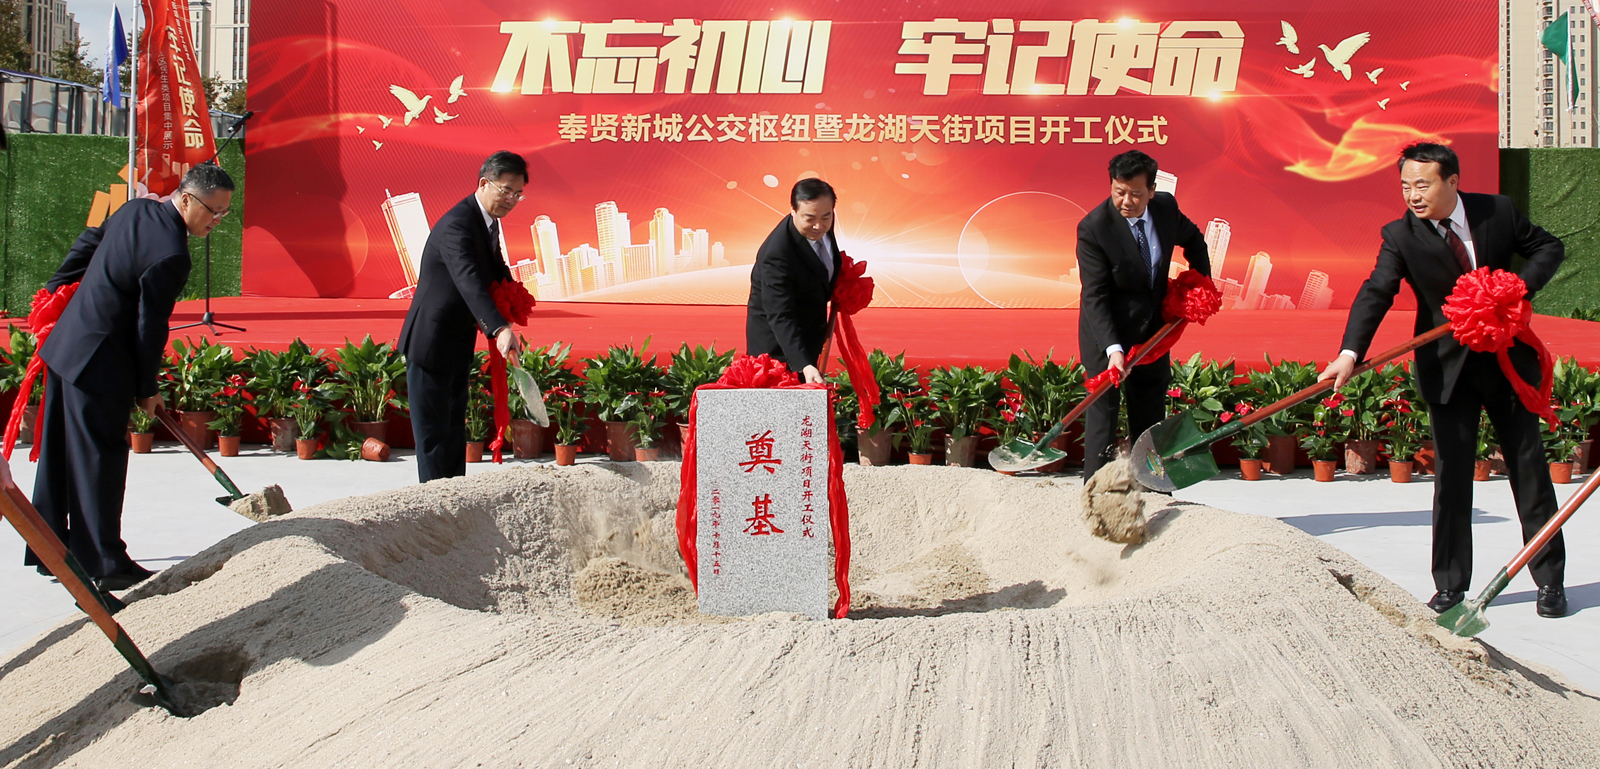 10月15日,上海市奉贤区新城站龙湖天街等项目启动建设。倪珺摄